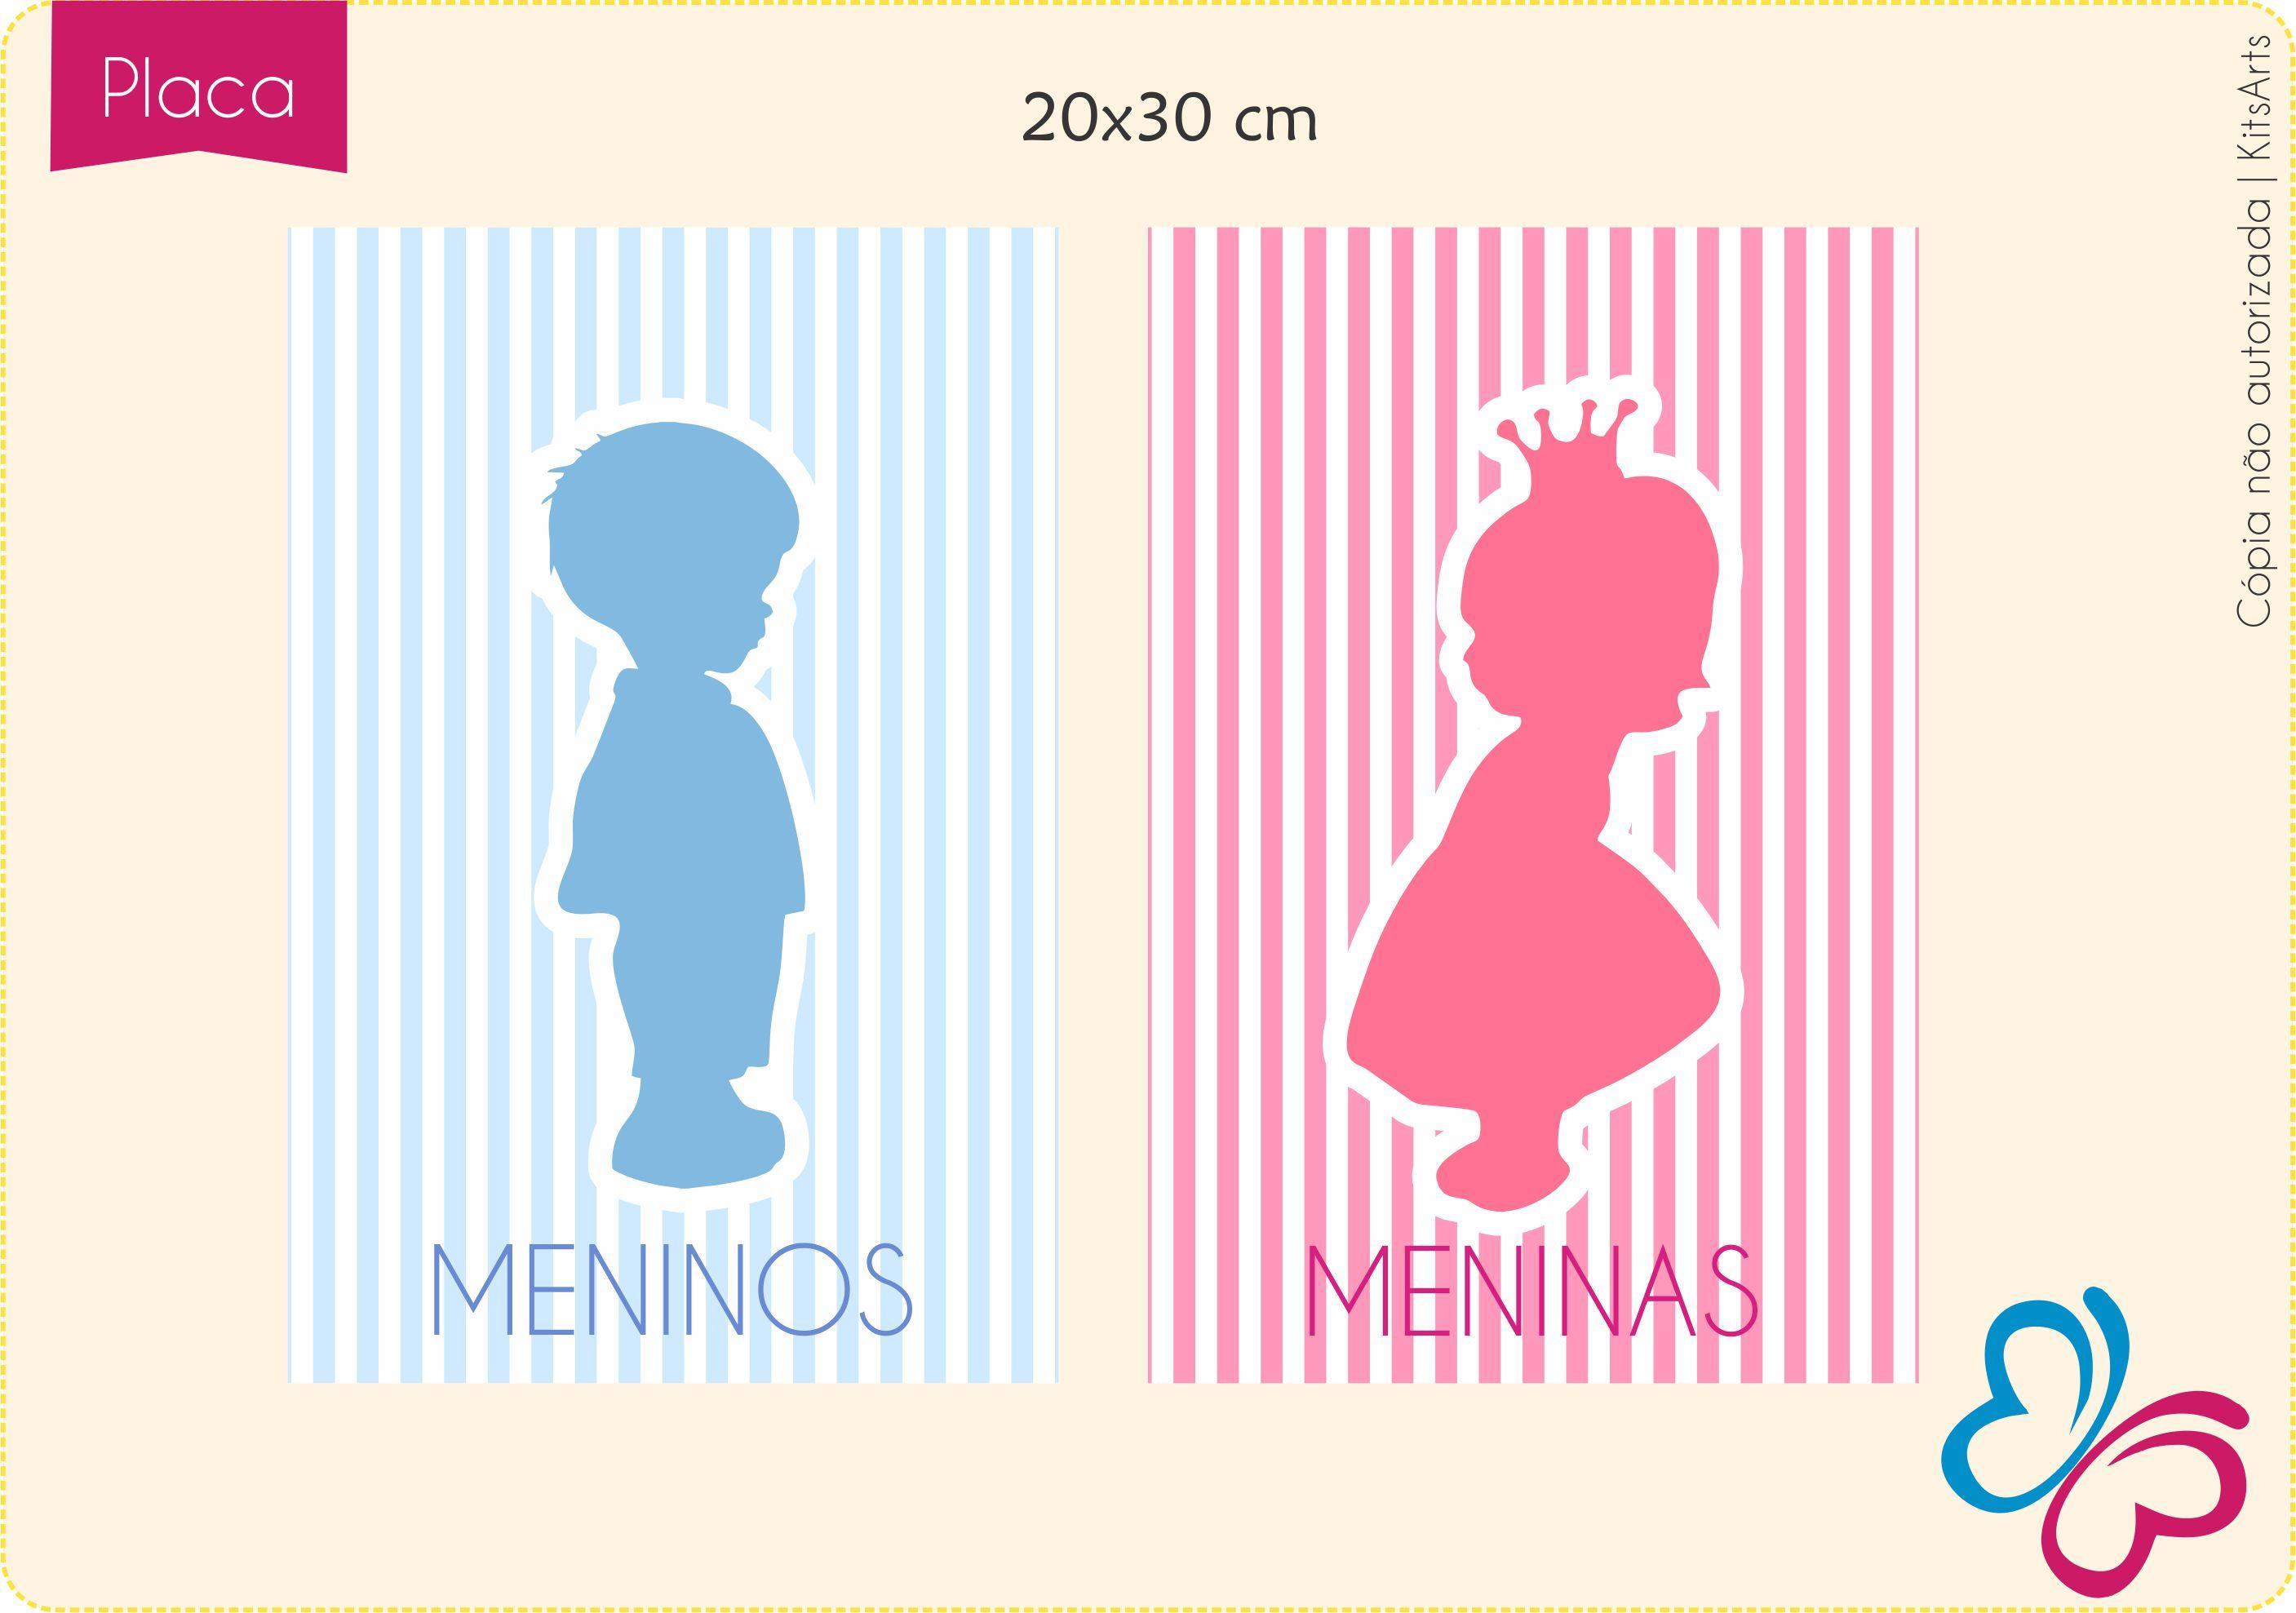 placa de banheiro infantil  Pesquisa Google  dia das crianças  Pinterest  -> Banheiro Feminino Placa Para Imprimir